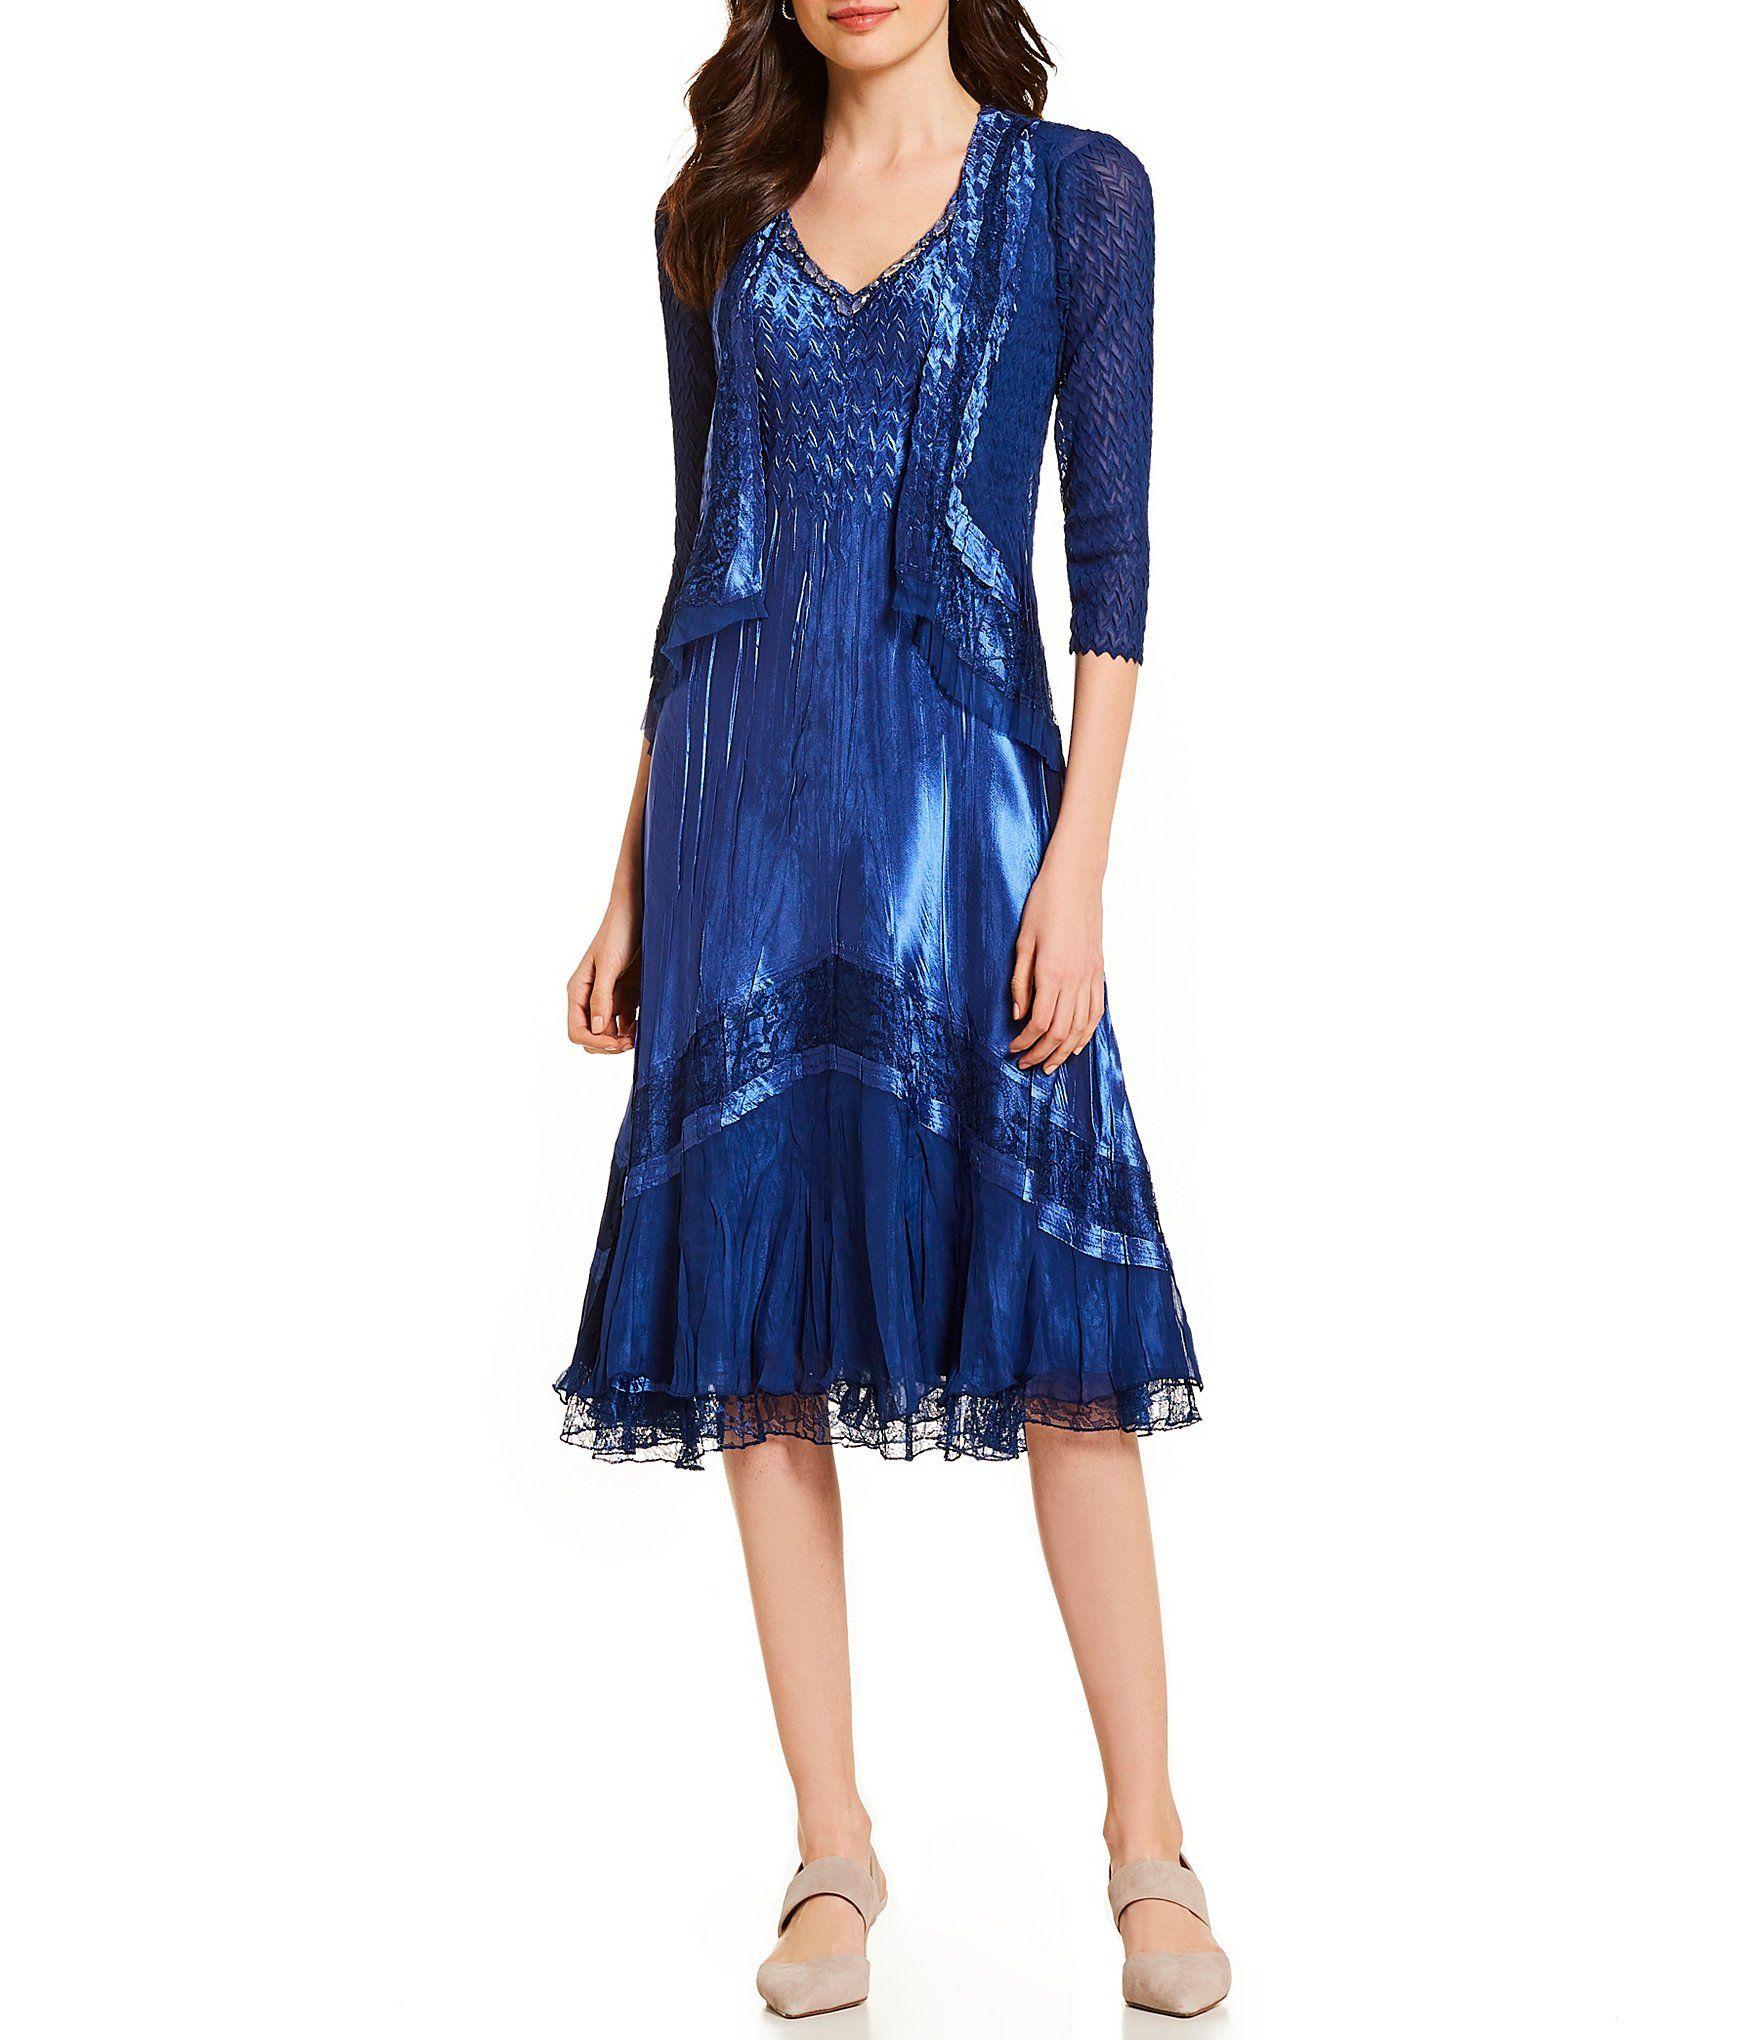 Komarov 3 4 Sleeve Jacket Ombre Lace Detail V Neck Midi Dress Dillard S V Neck Midi Dress Dresses Necklines For Dresses [ 2040 x 1760 Pixel ]